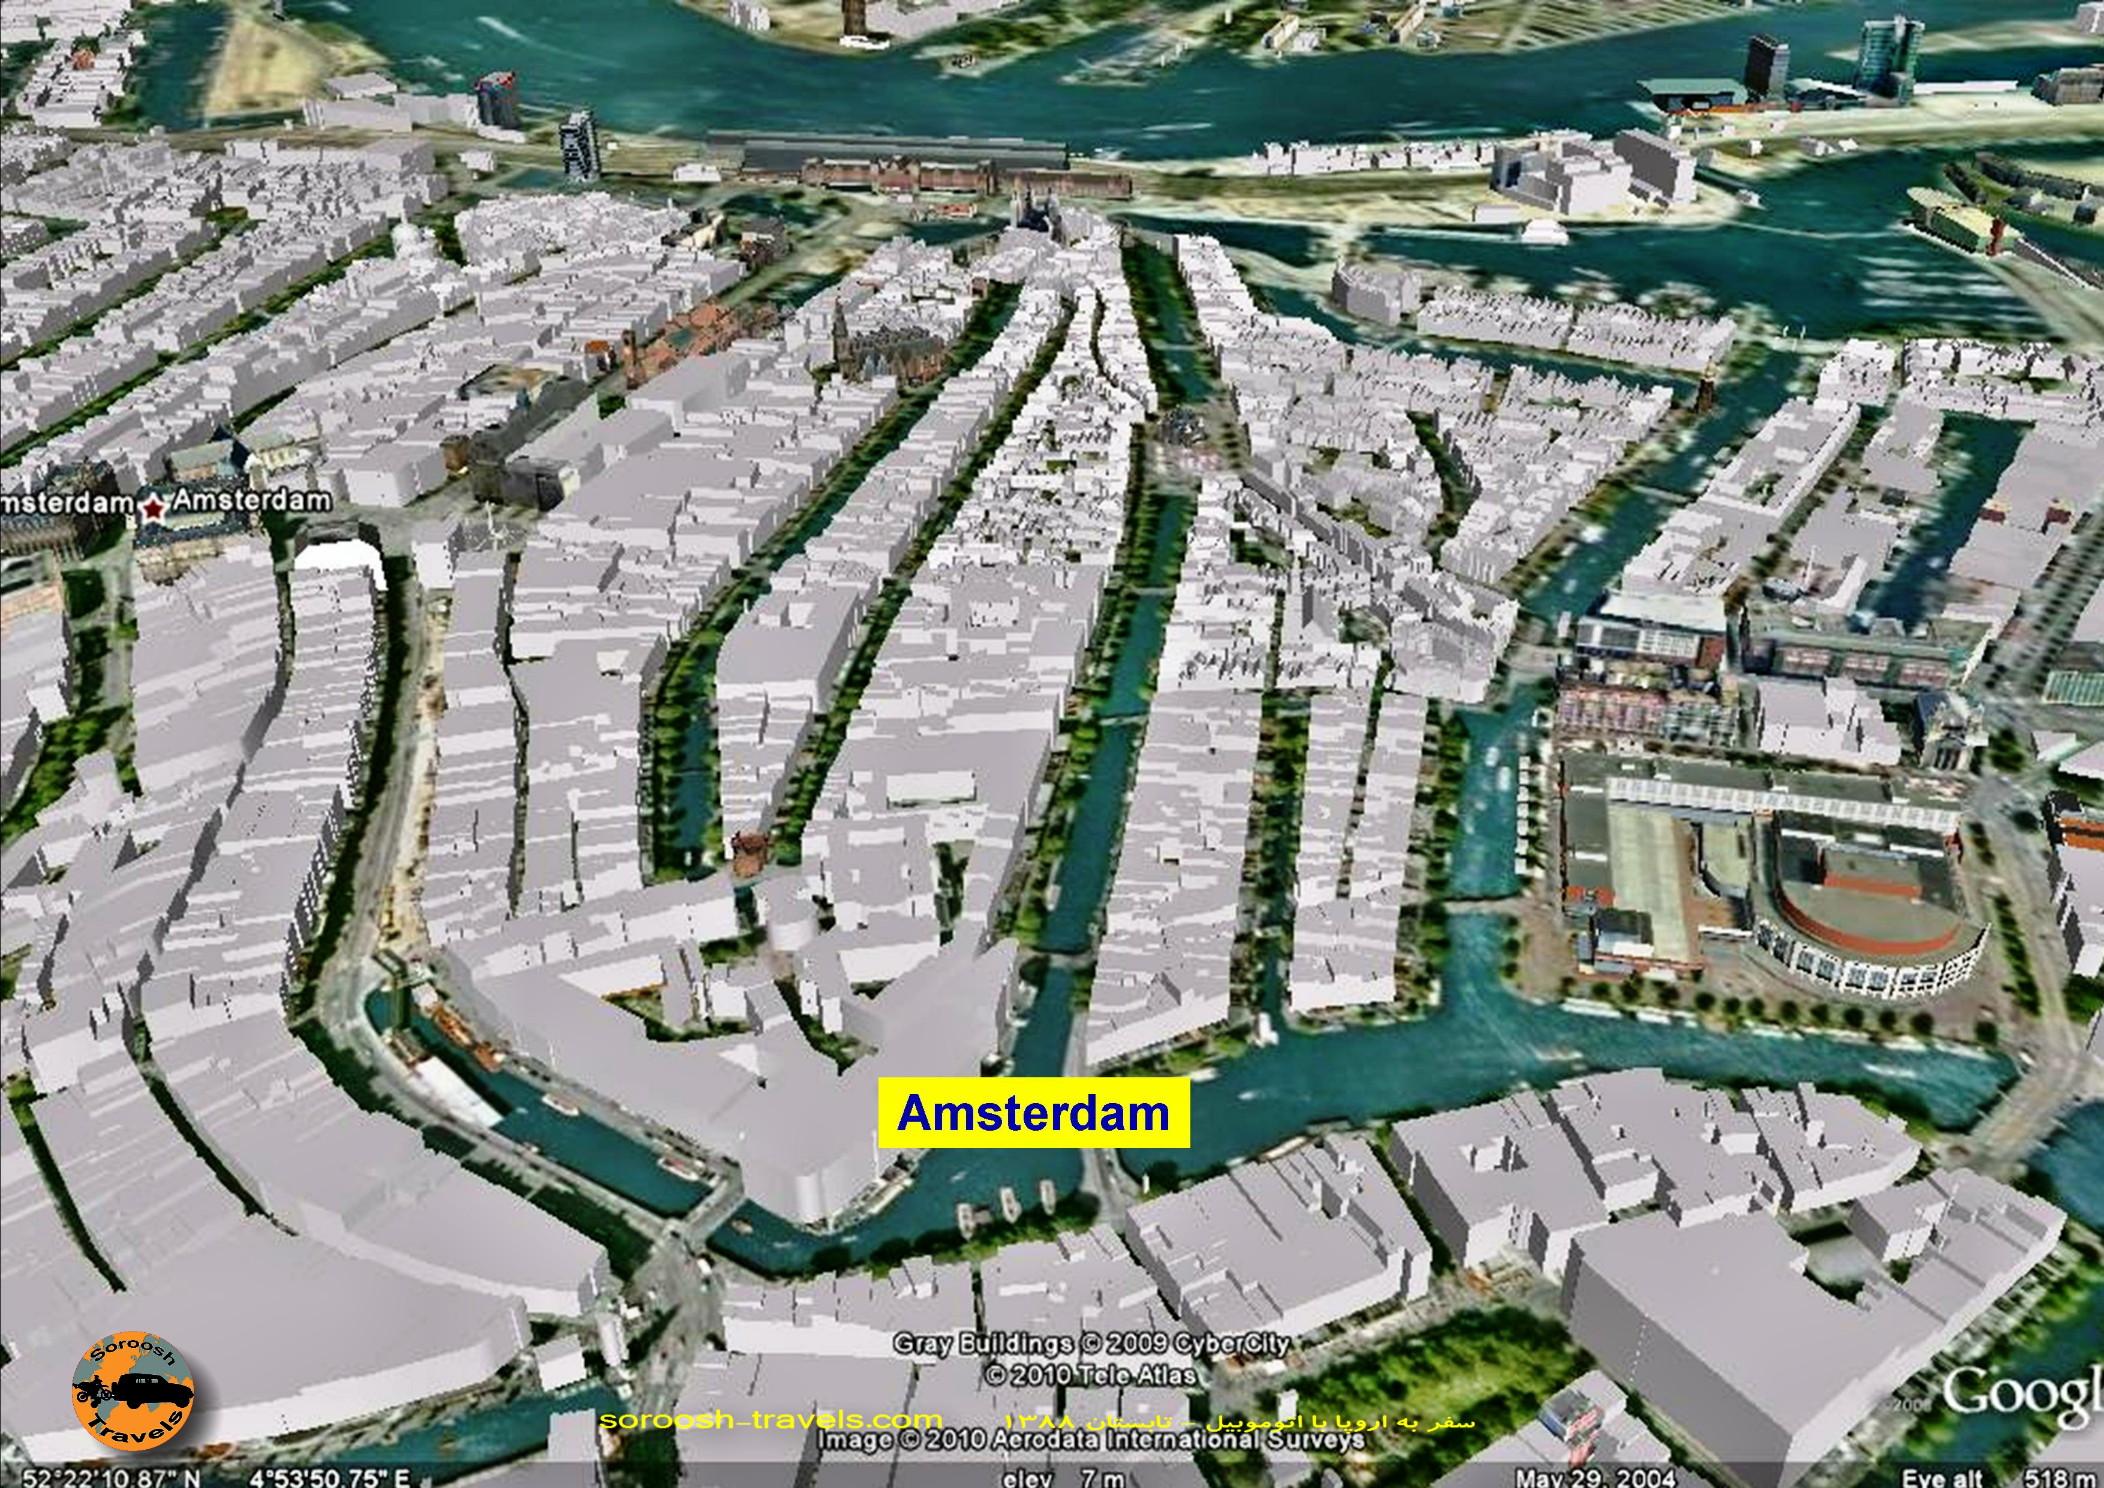 23-shahrivar-1388-14-september-2009-bruxele-in-belgium-to-amsterdam-in-netherland-17